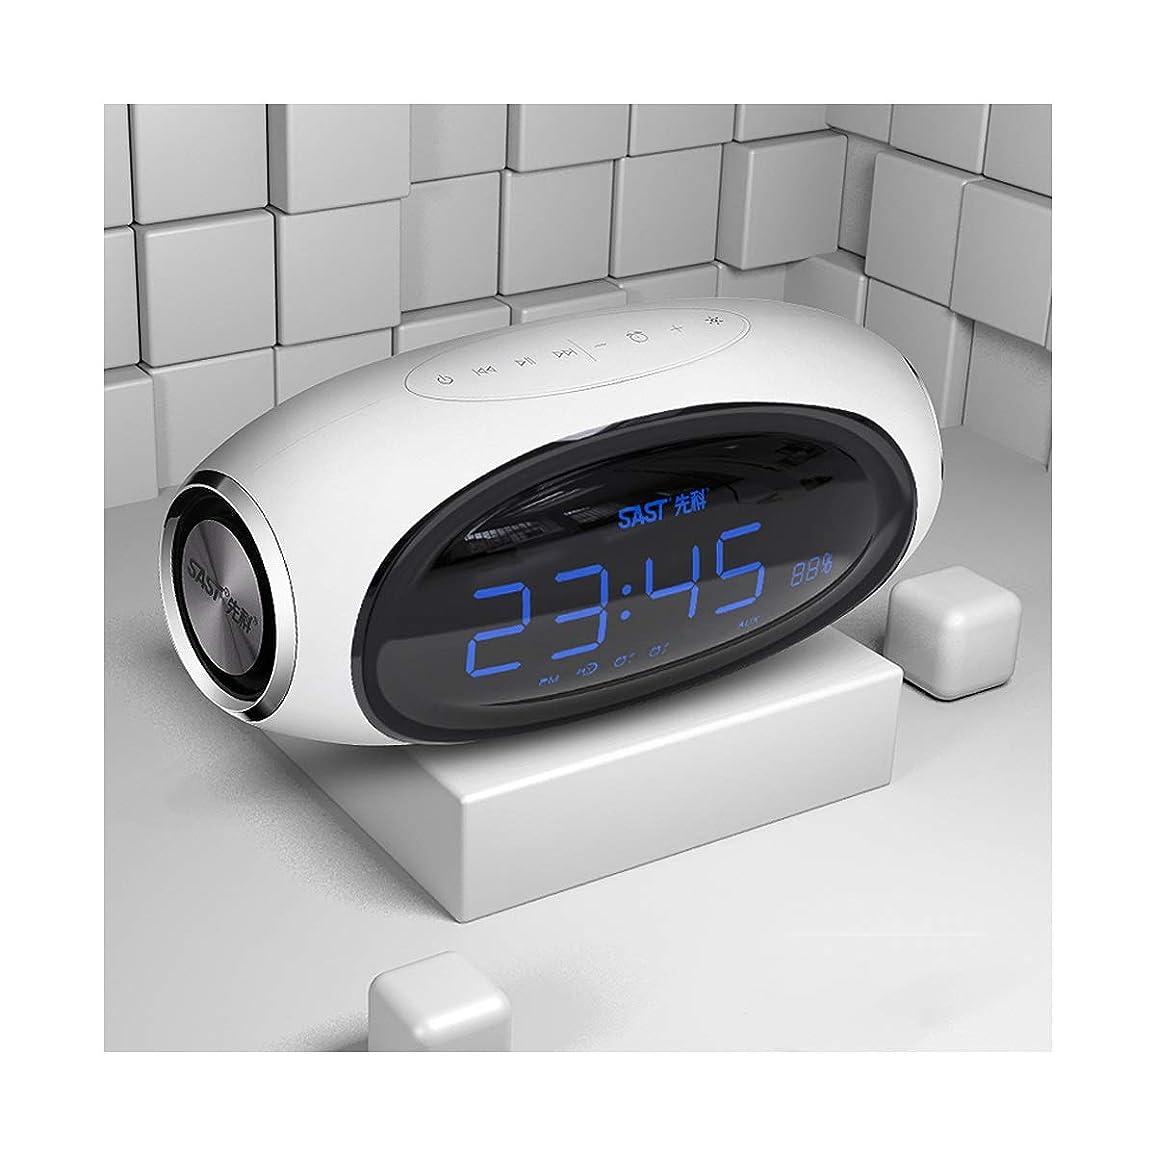 包帯レール学校HXSD Bluetoothのスピーカー、ポータブルホームアラーム時計、ワイヤレスサブウーファー、ステレオ、3Dサラウンドハイパワースピーカー (Color : White)